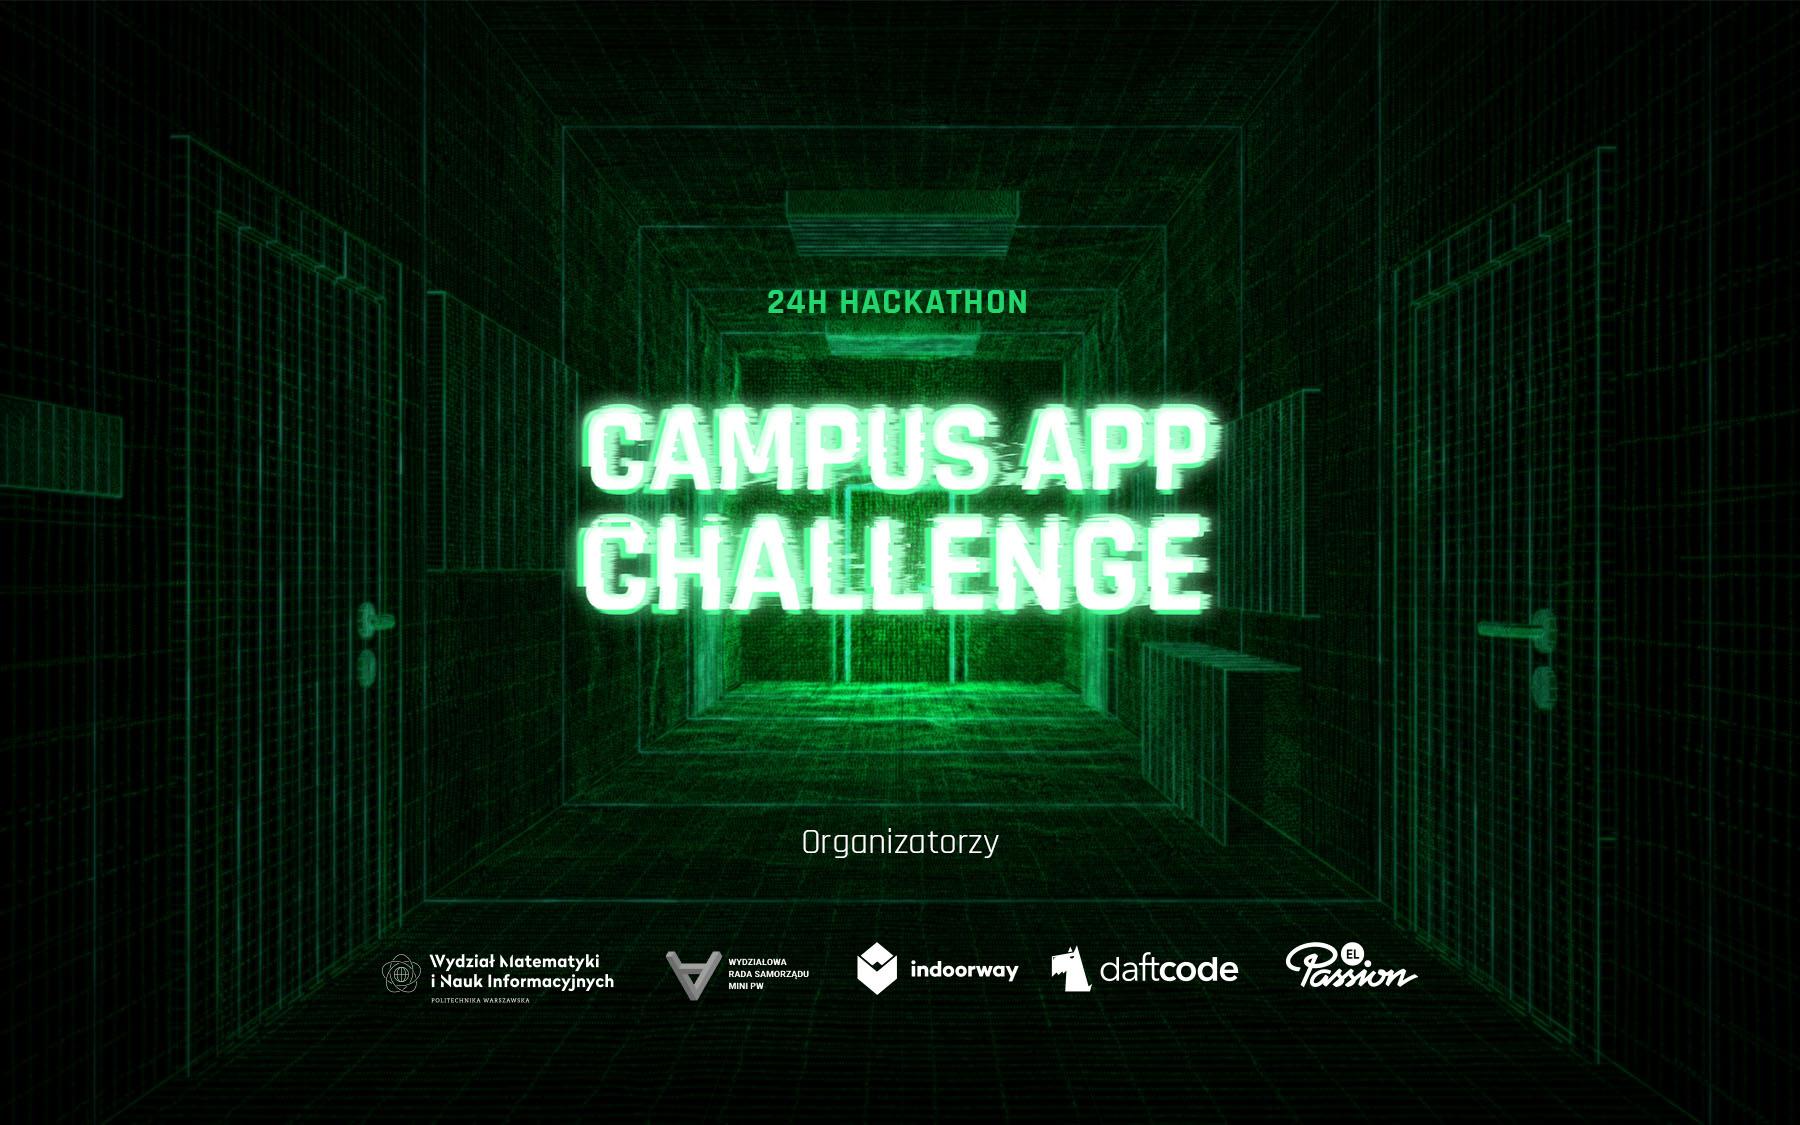 digitalizacja kampusów